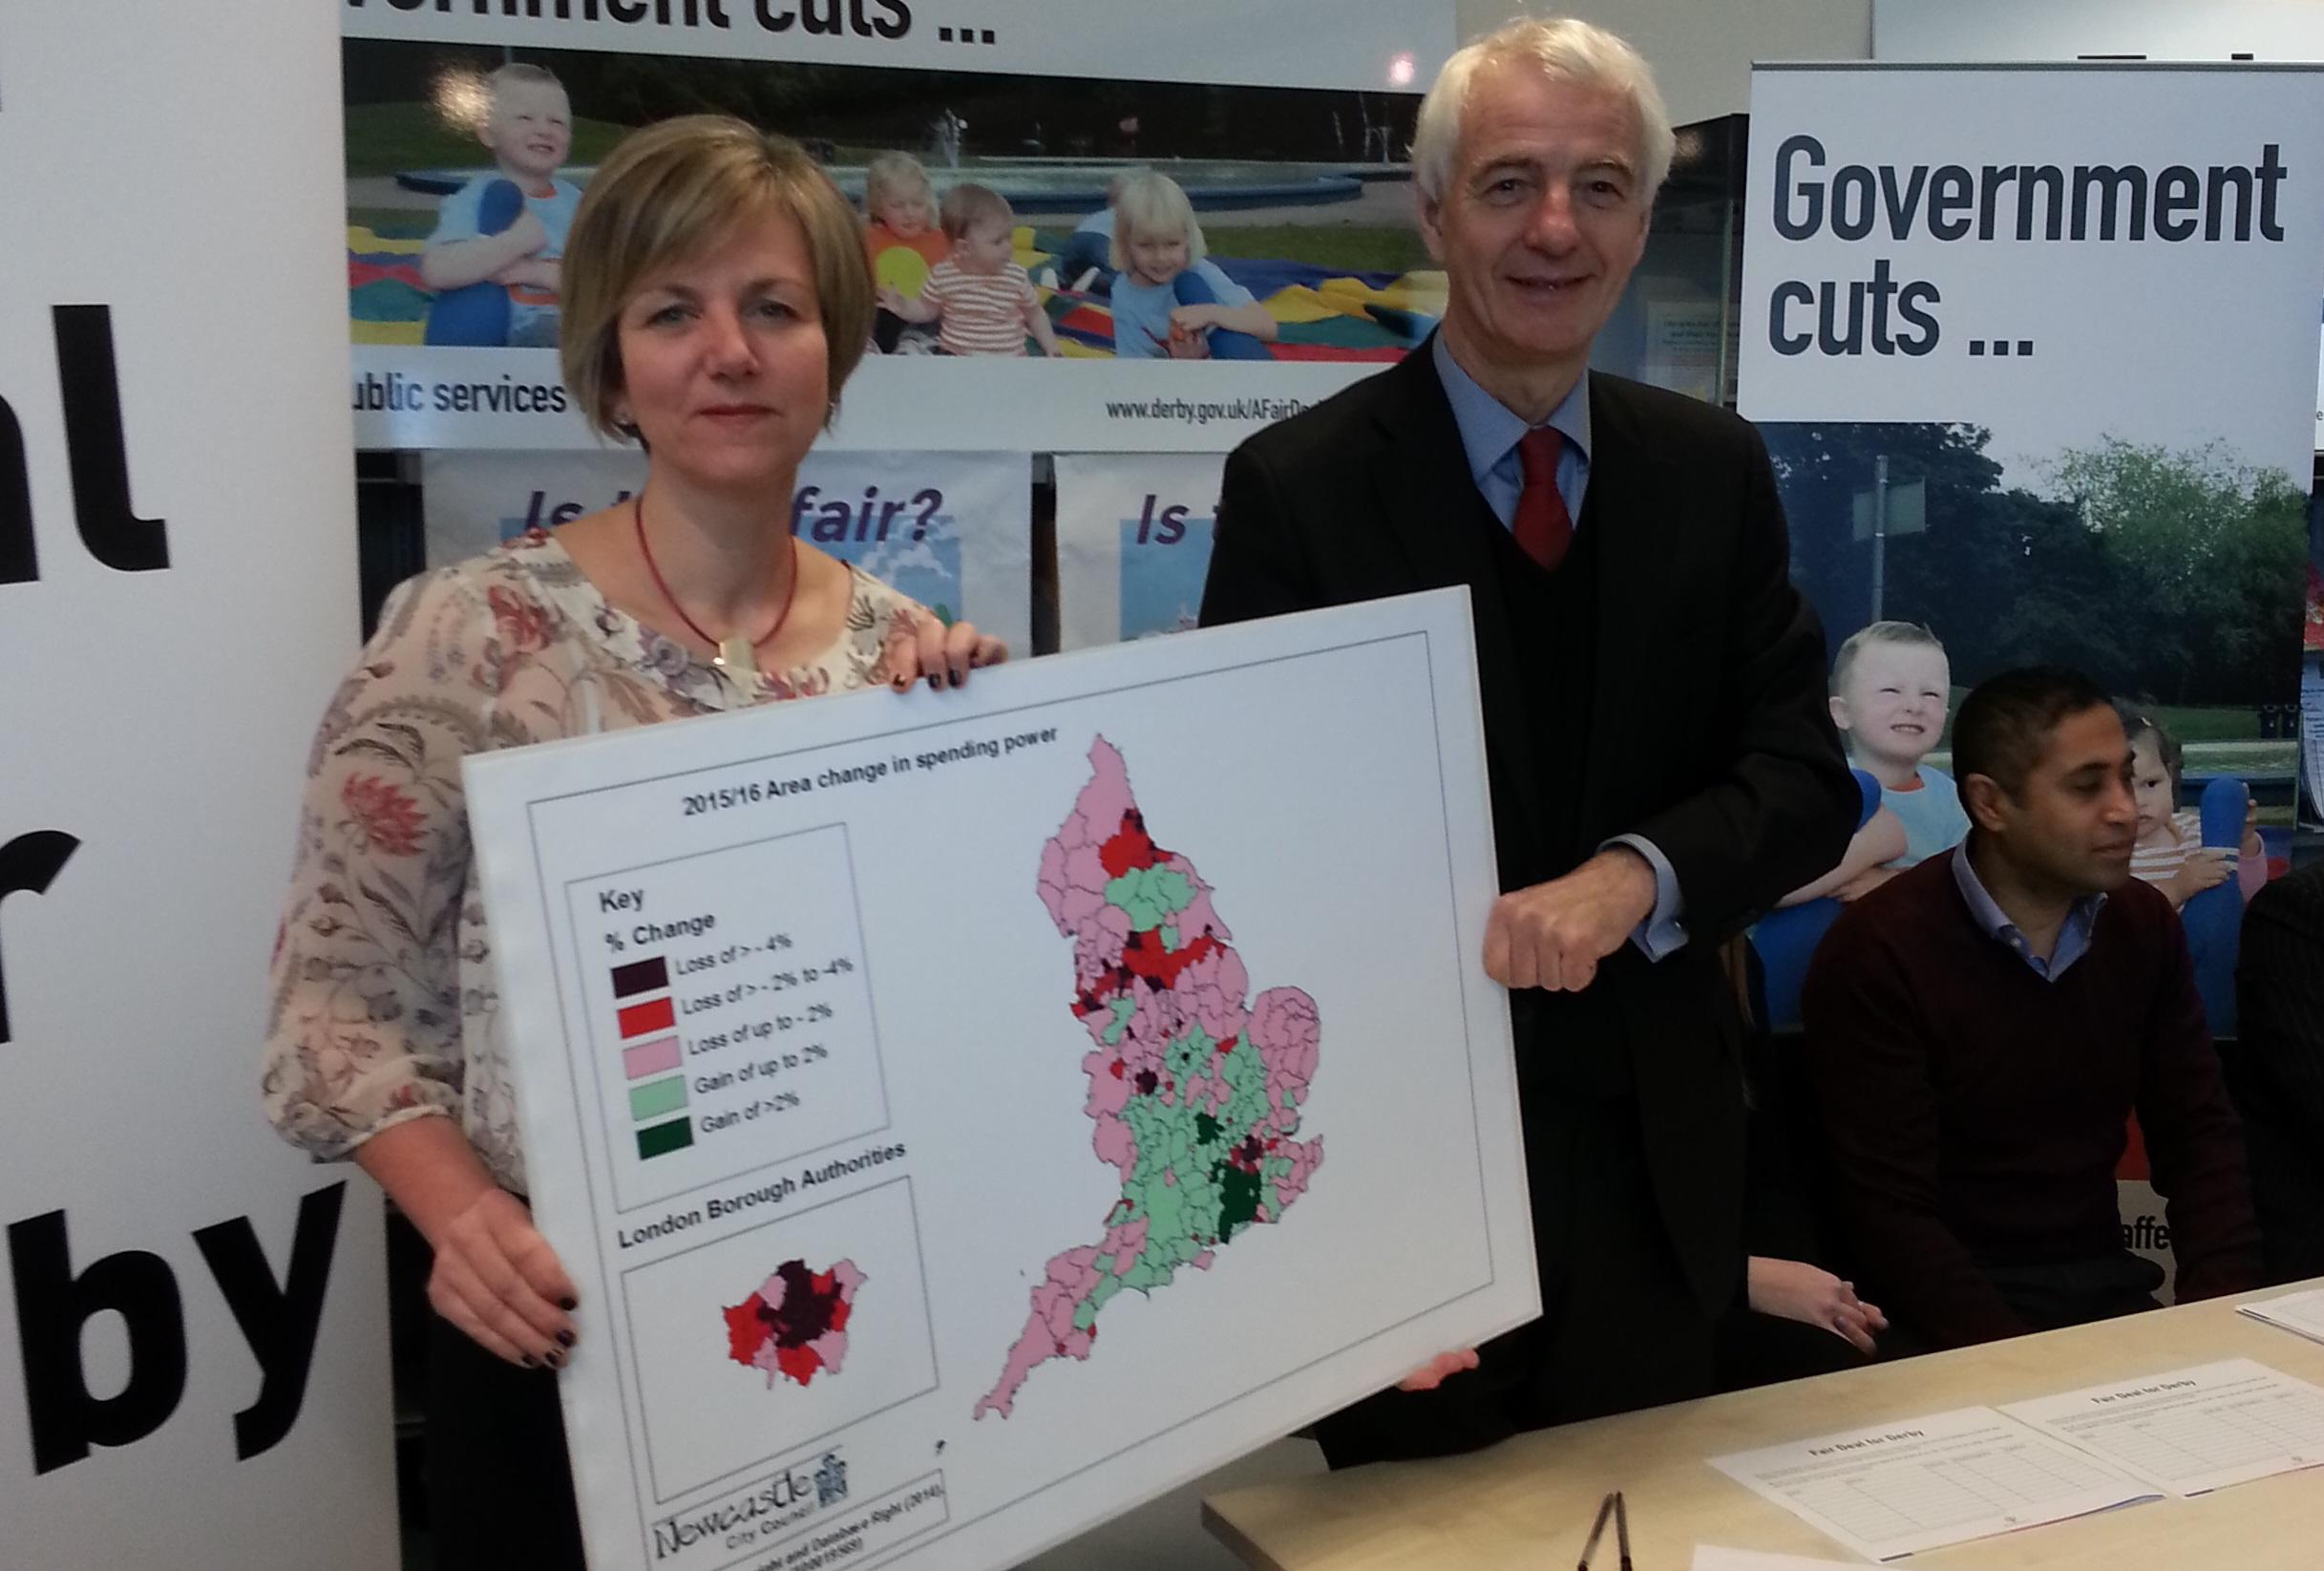 Fair_funding_for_Nottingham_2.jpg